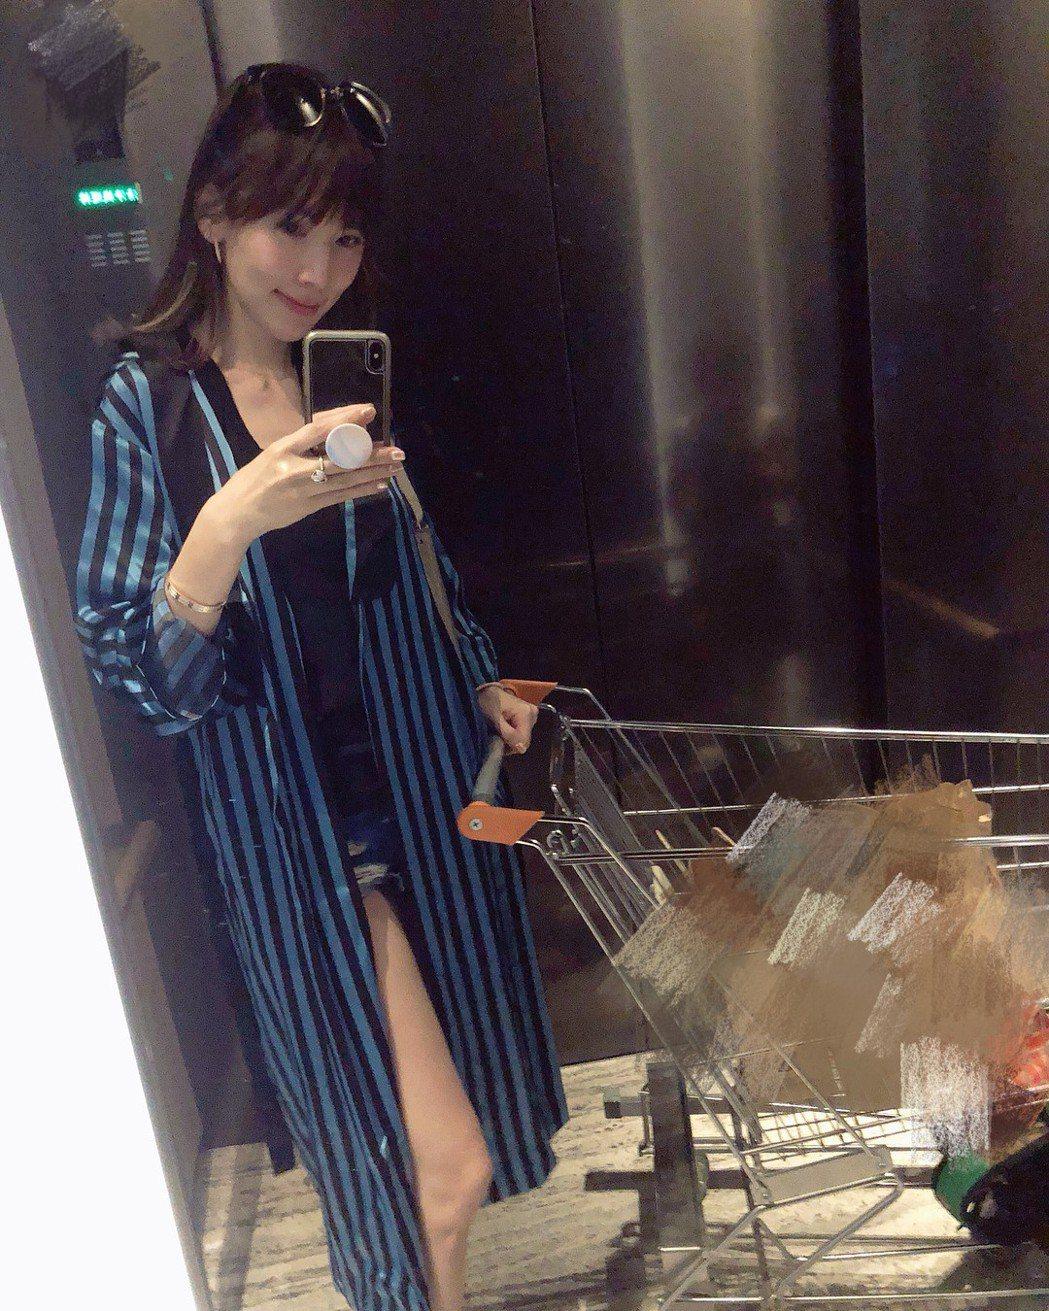 林志穎的老婆陳若儀分享穿搭照。 圖/擷自陳若儀IG